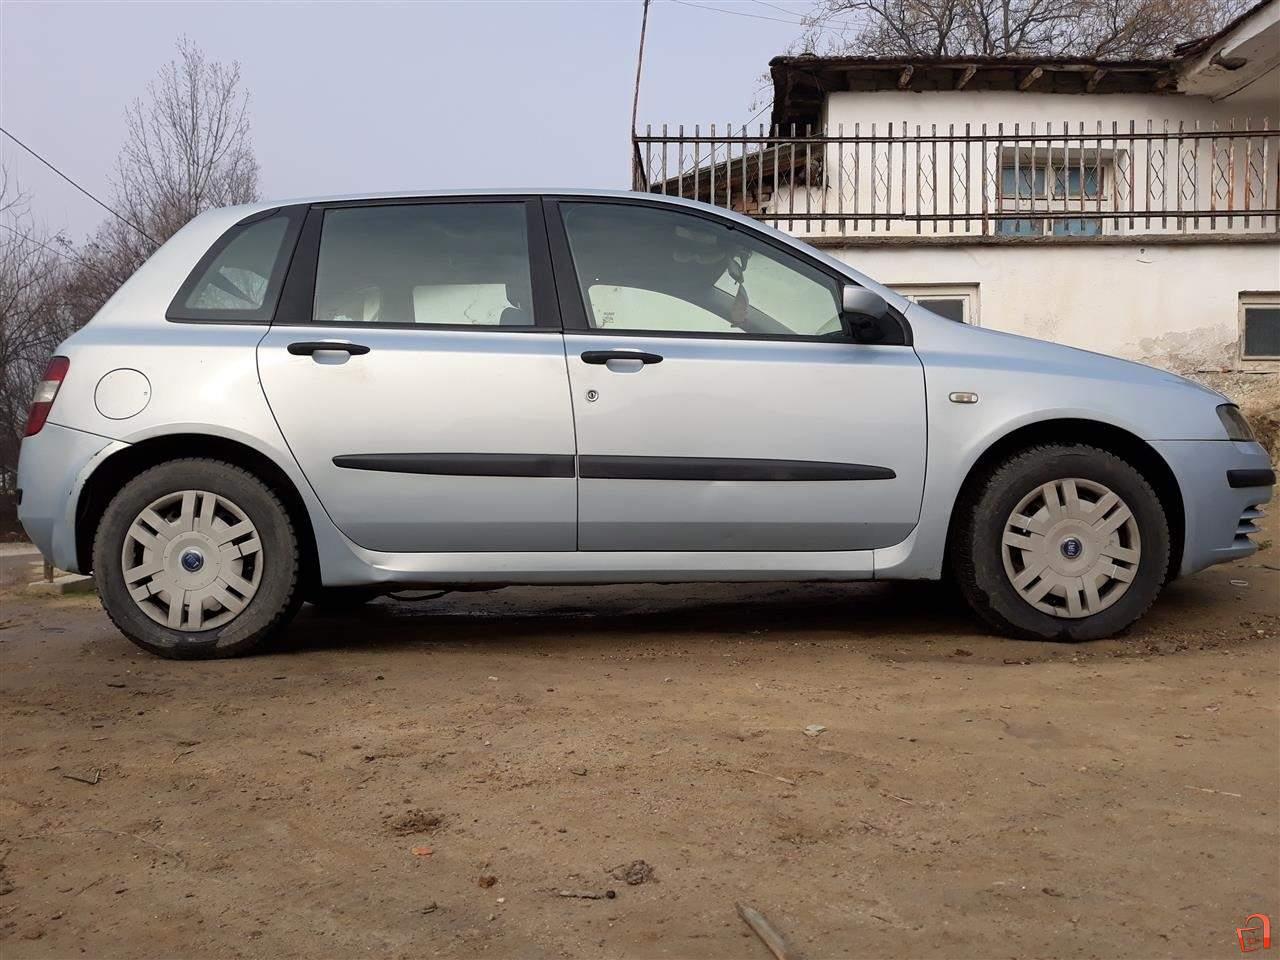 Ad Fiat Stilo 1 9 Jtd For Sale  Negotino  Vehicles  Automobiles  Fiat  Stilo  Fiat Stilo 1 9 Jtd